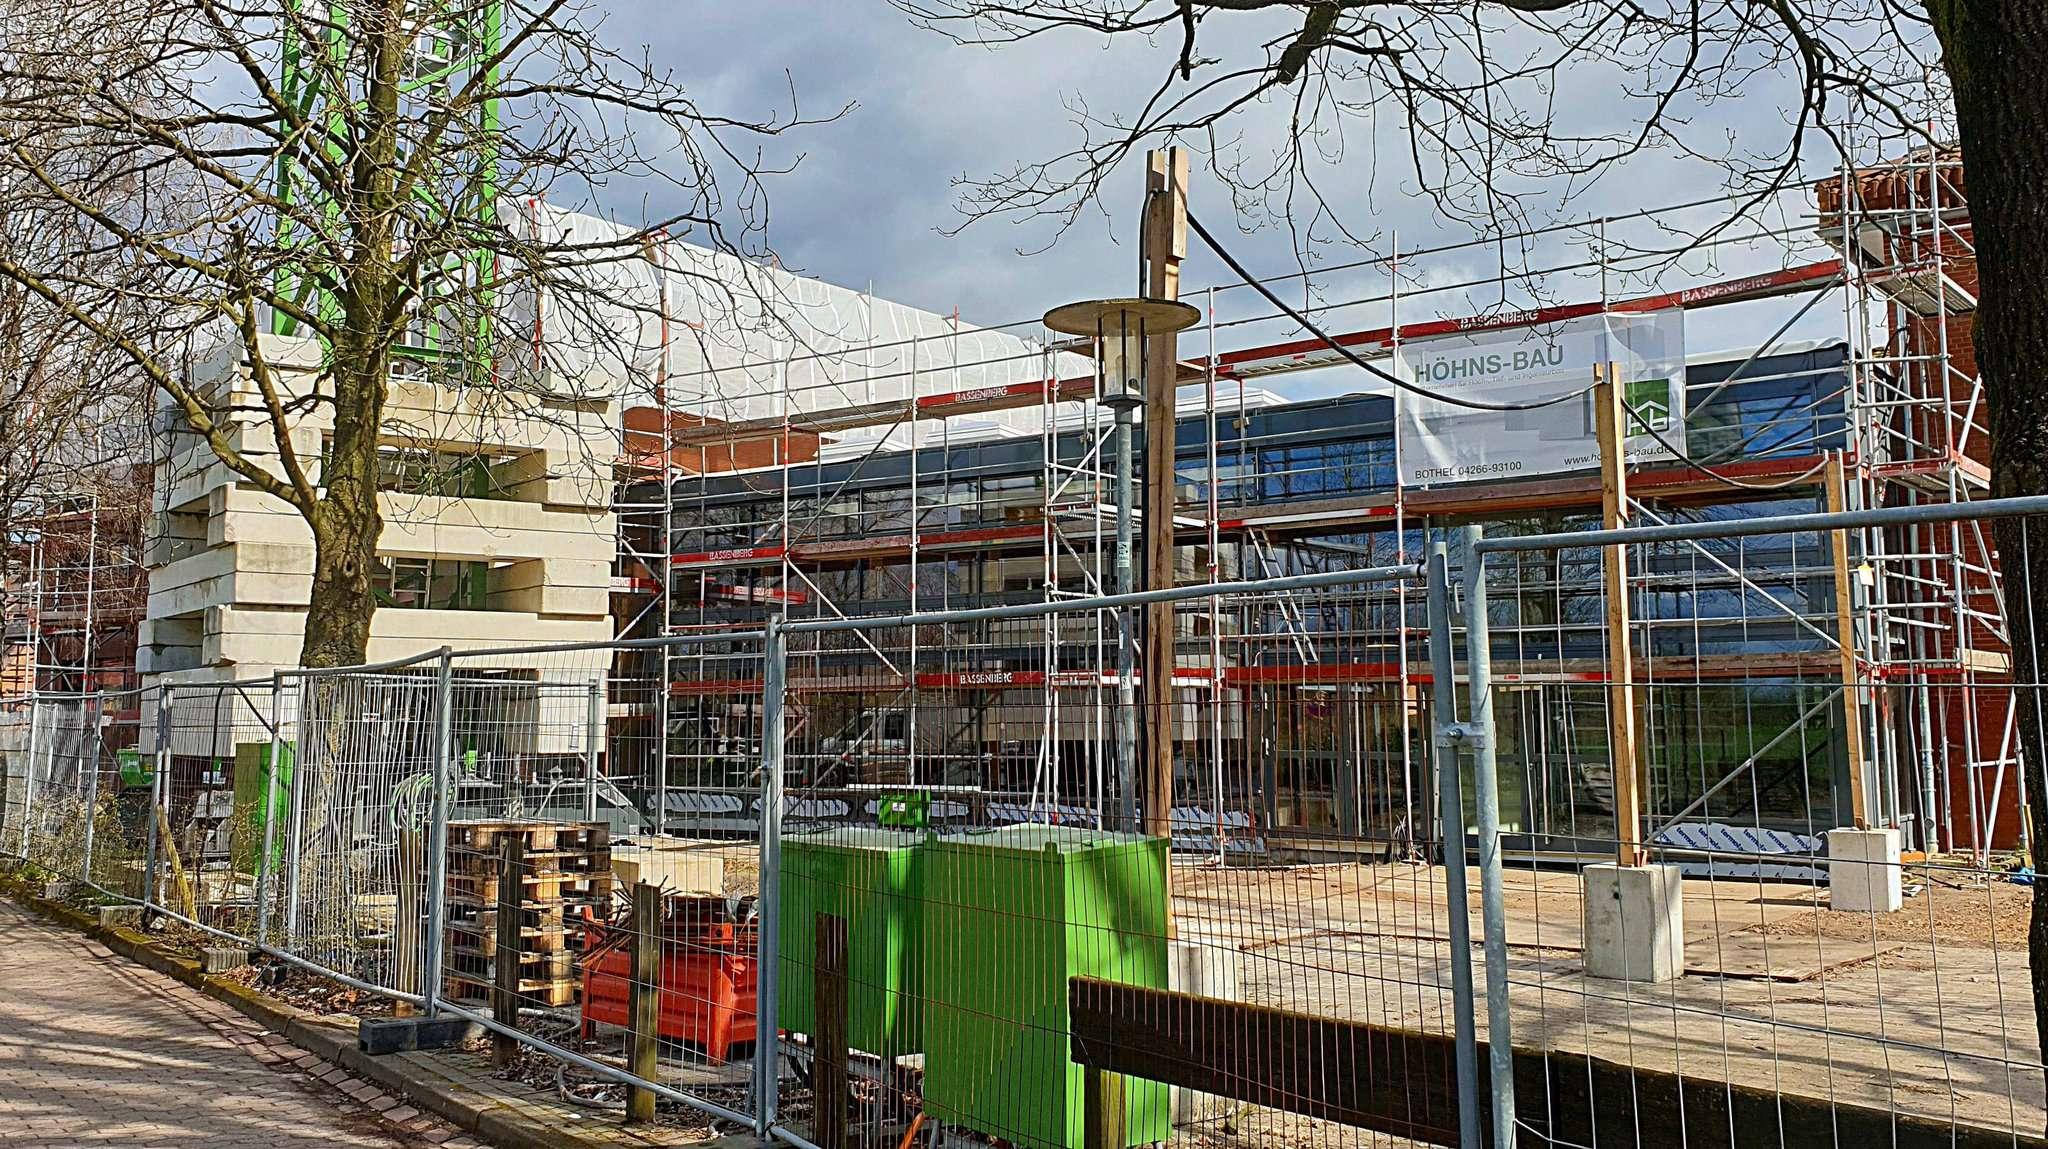 Auf der Baustelle der Wiedau-Schule geht der Betrieb weiter. Foto: Tobias Woelki